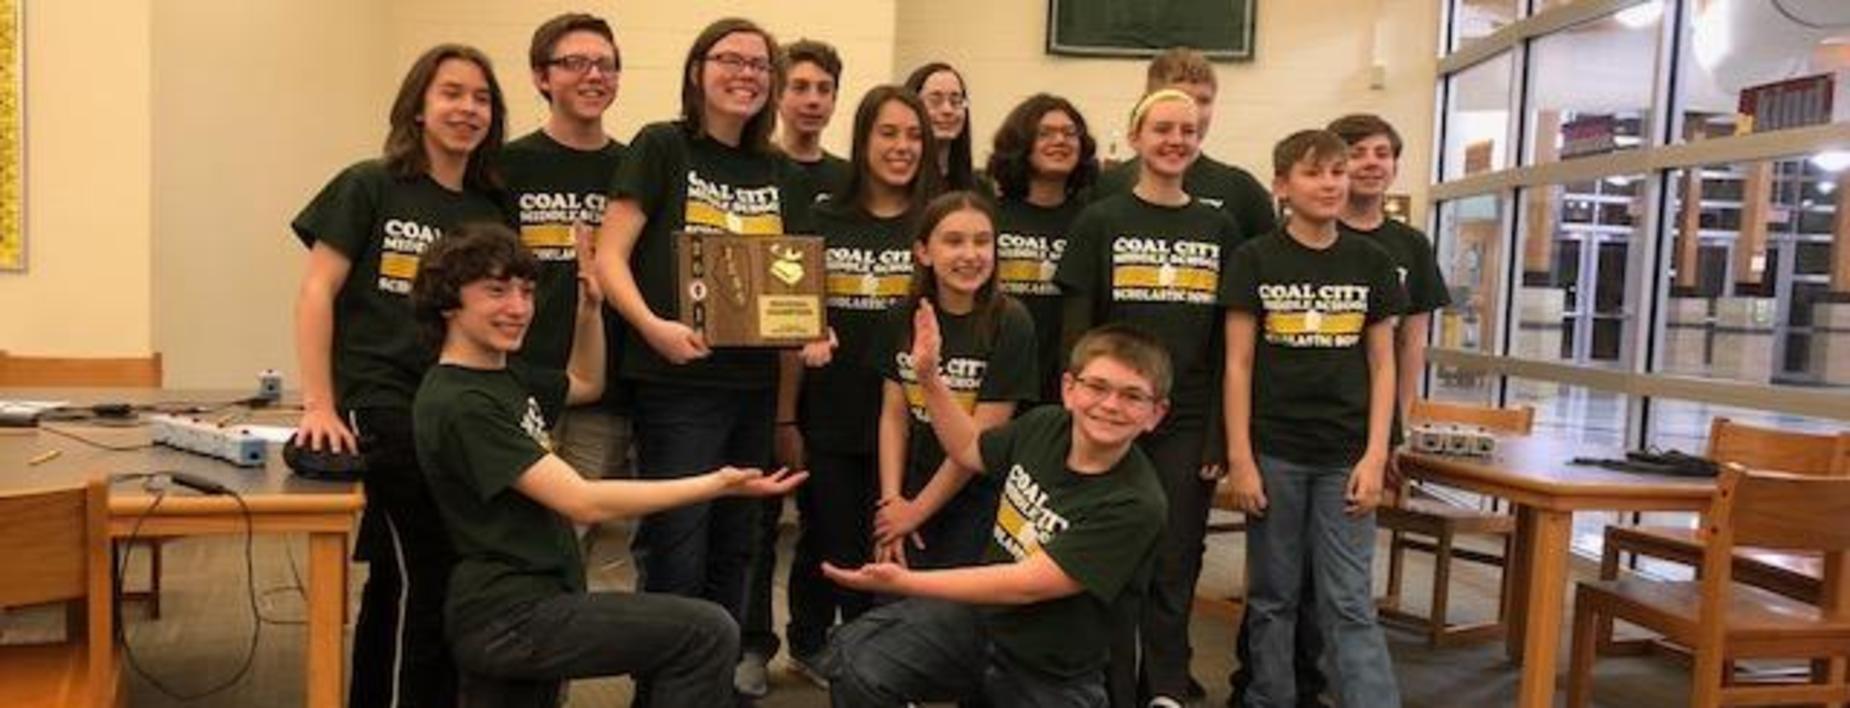 Scholastic Bowl wins regionals